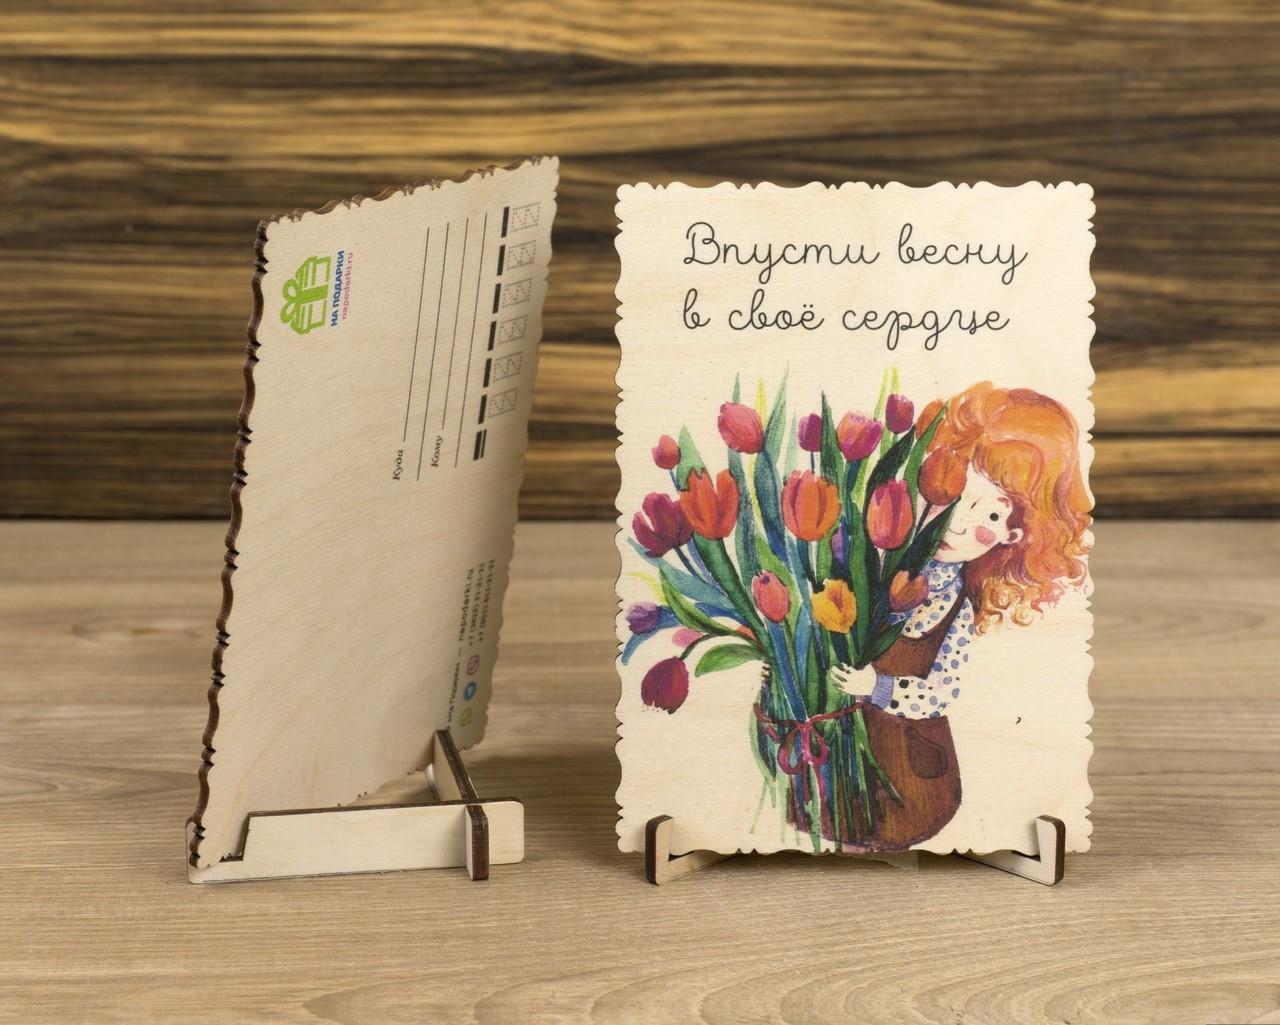 """Деревянная открытка """"Впусти весну в своё сердце"""""""